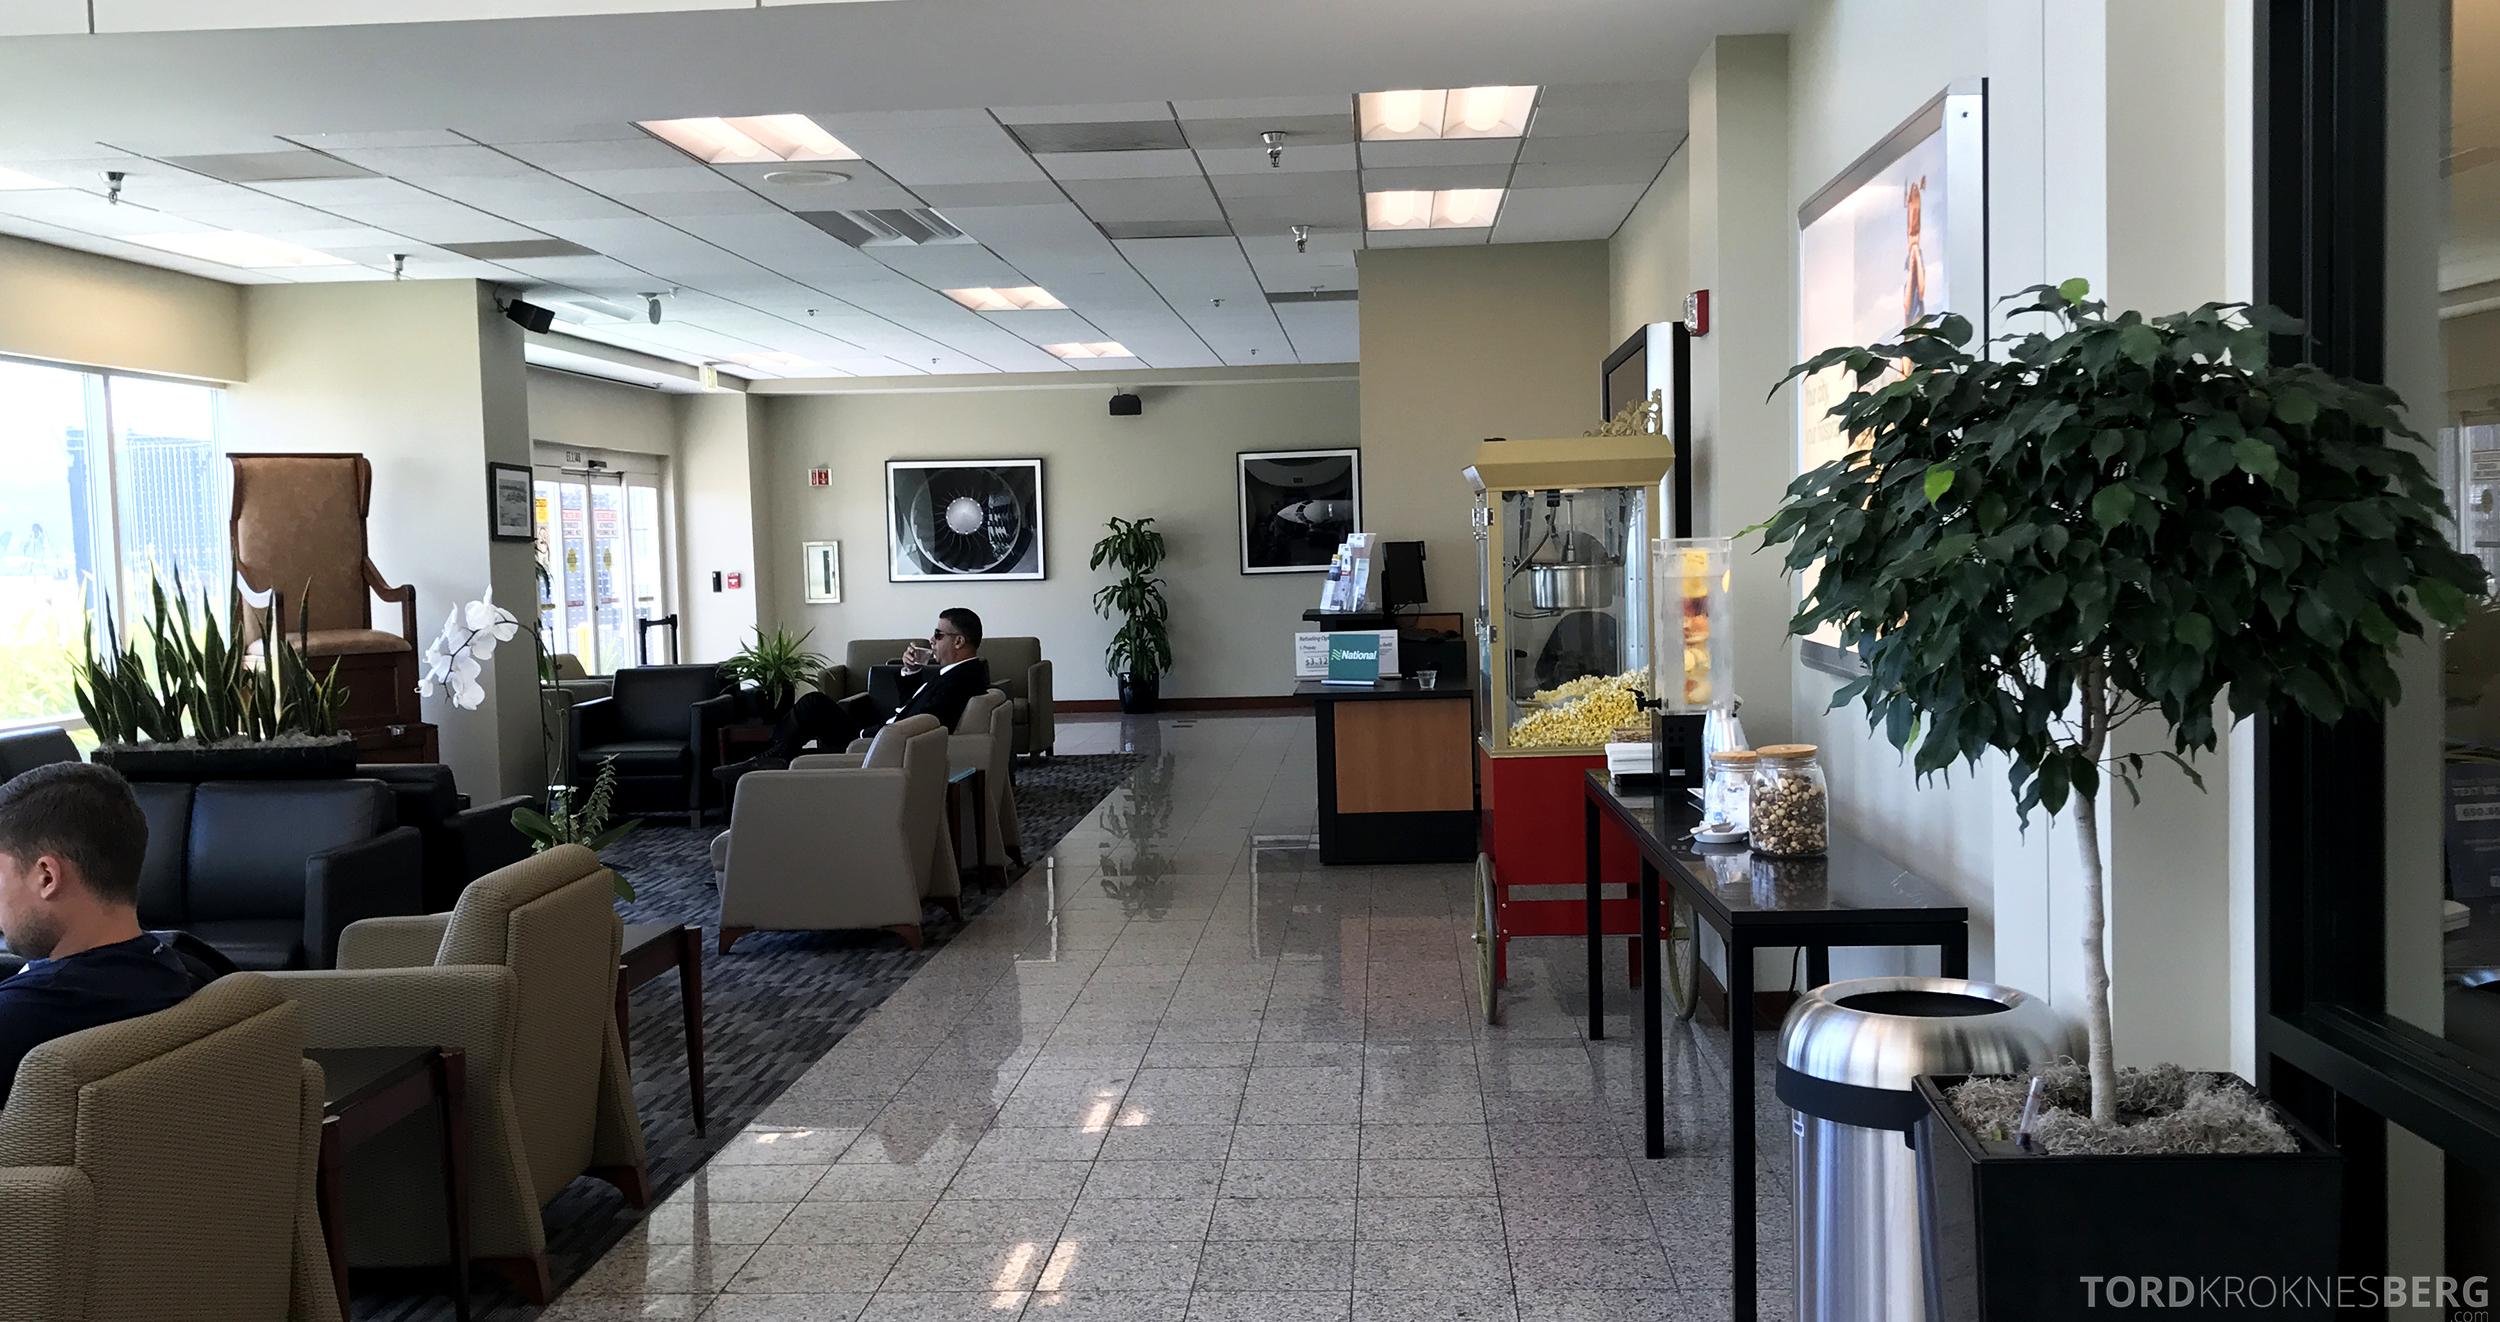 San Francisco Helicopter Tour Executive Terminal